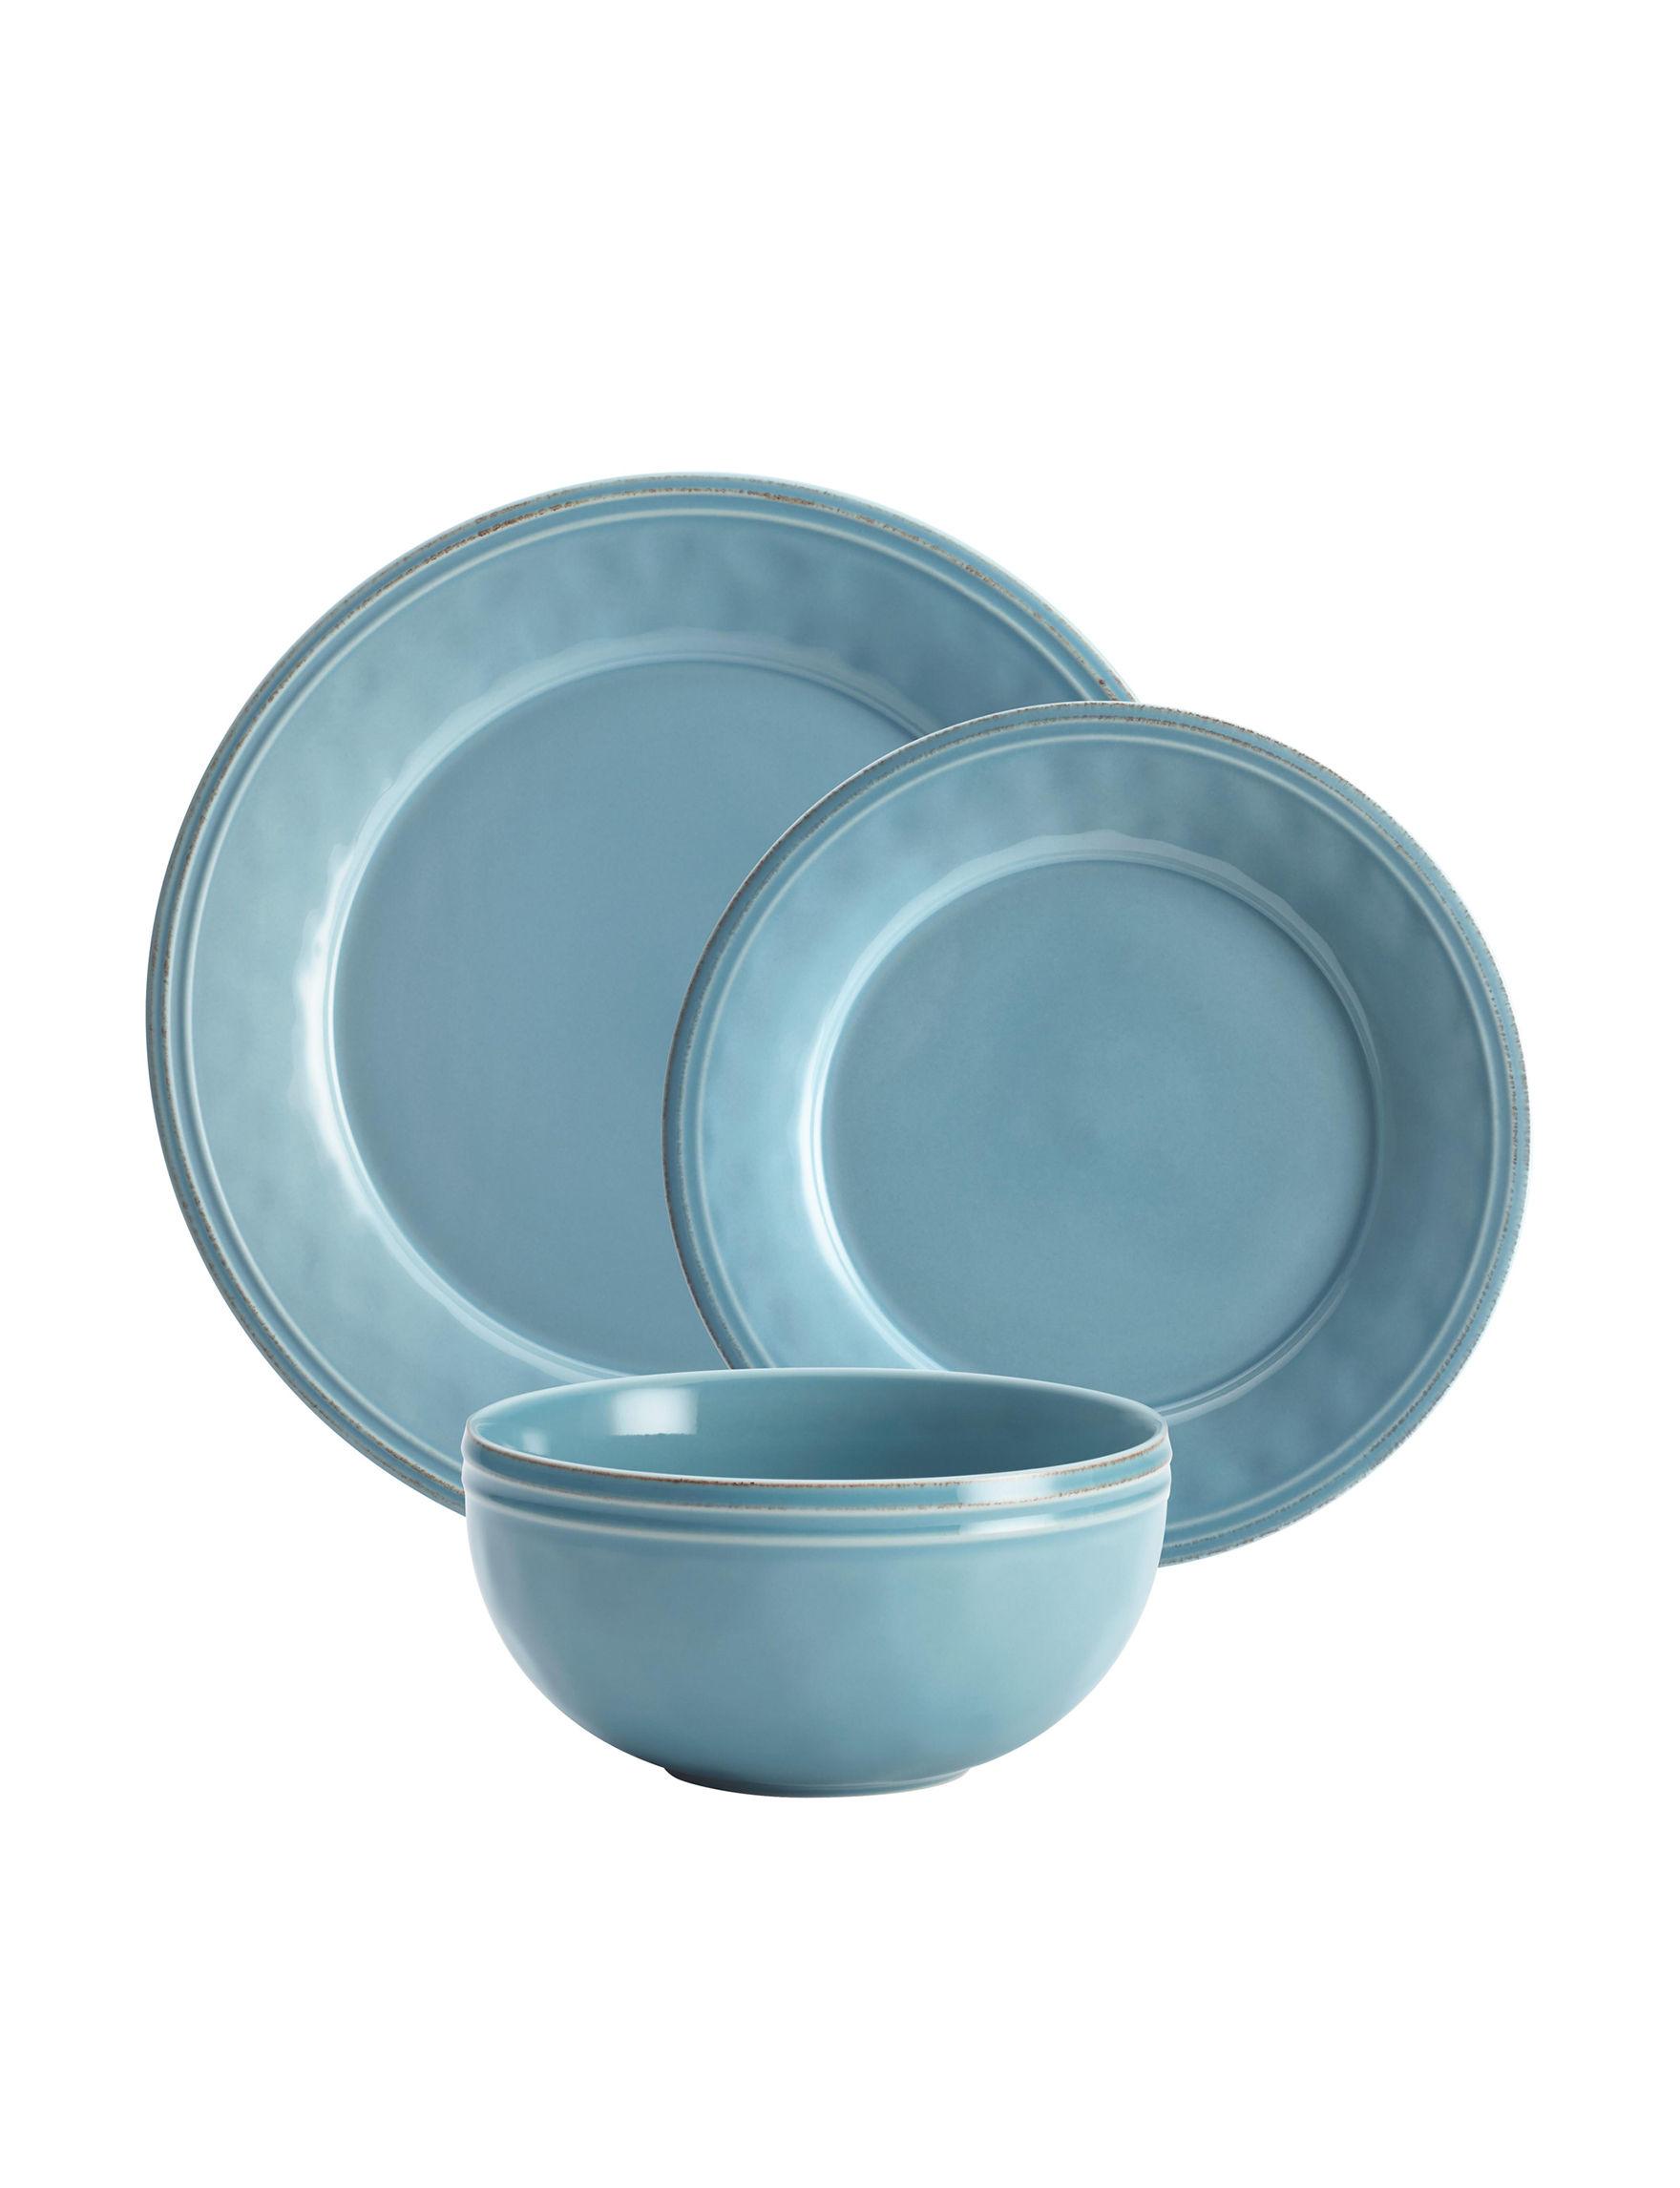 Rachael Ray Turqouise Dinnerware Sets Dinnerware